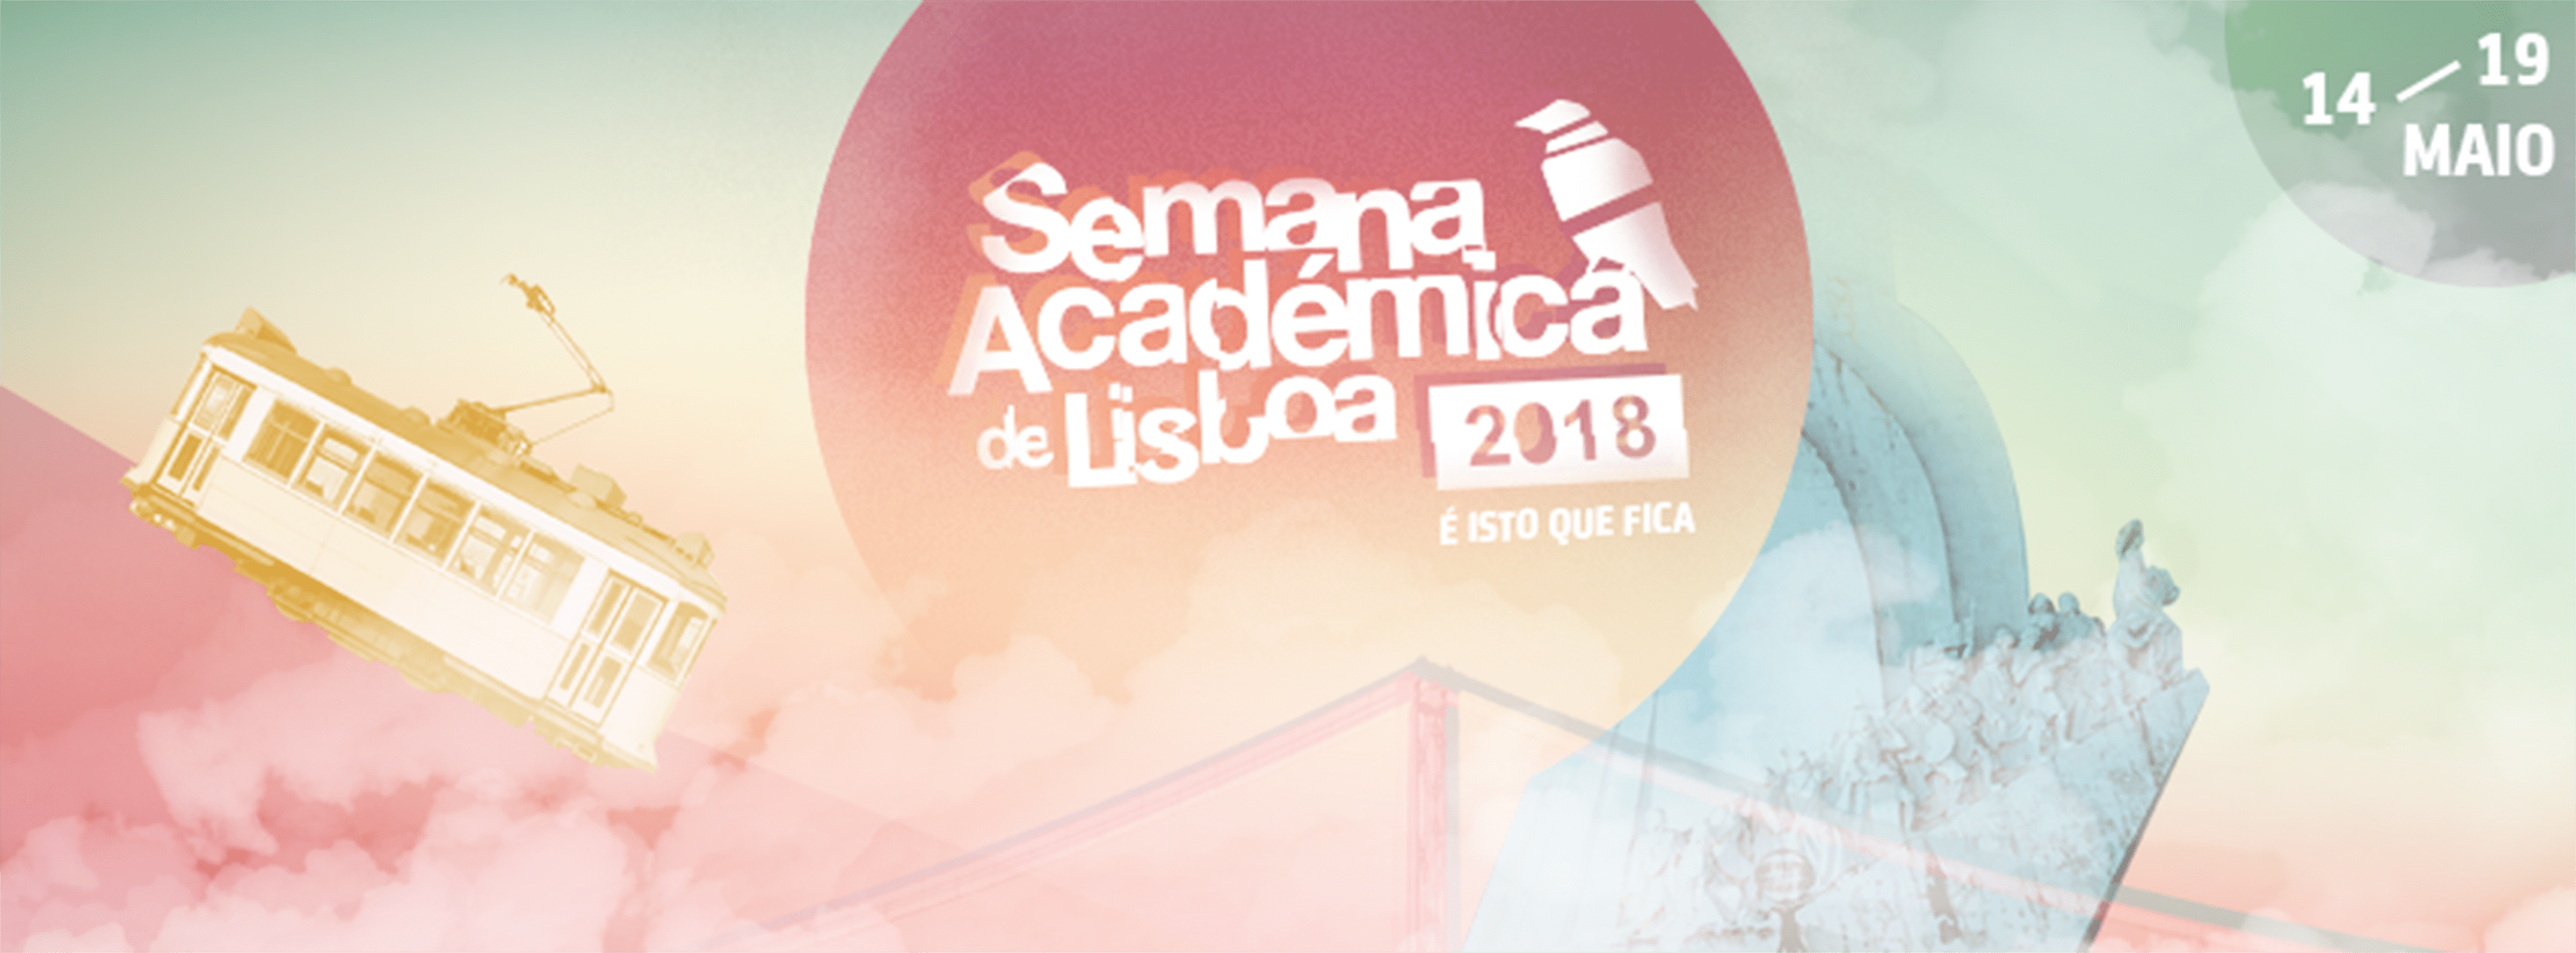 Semana Académica de Lisboa 2018